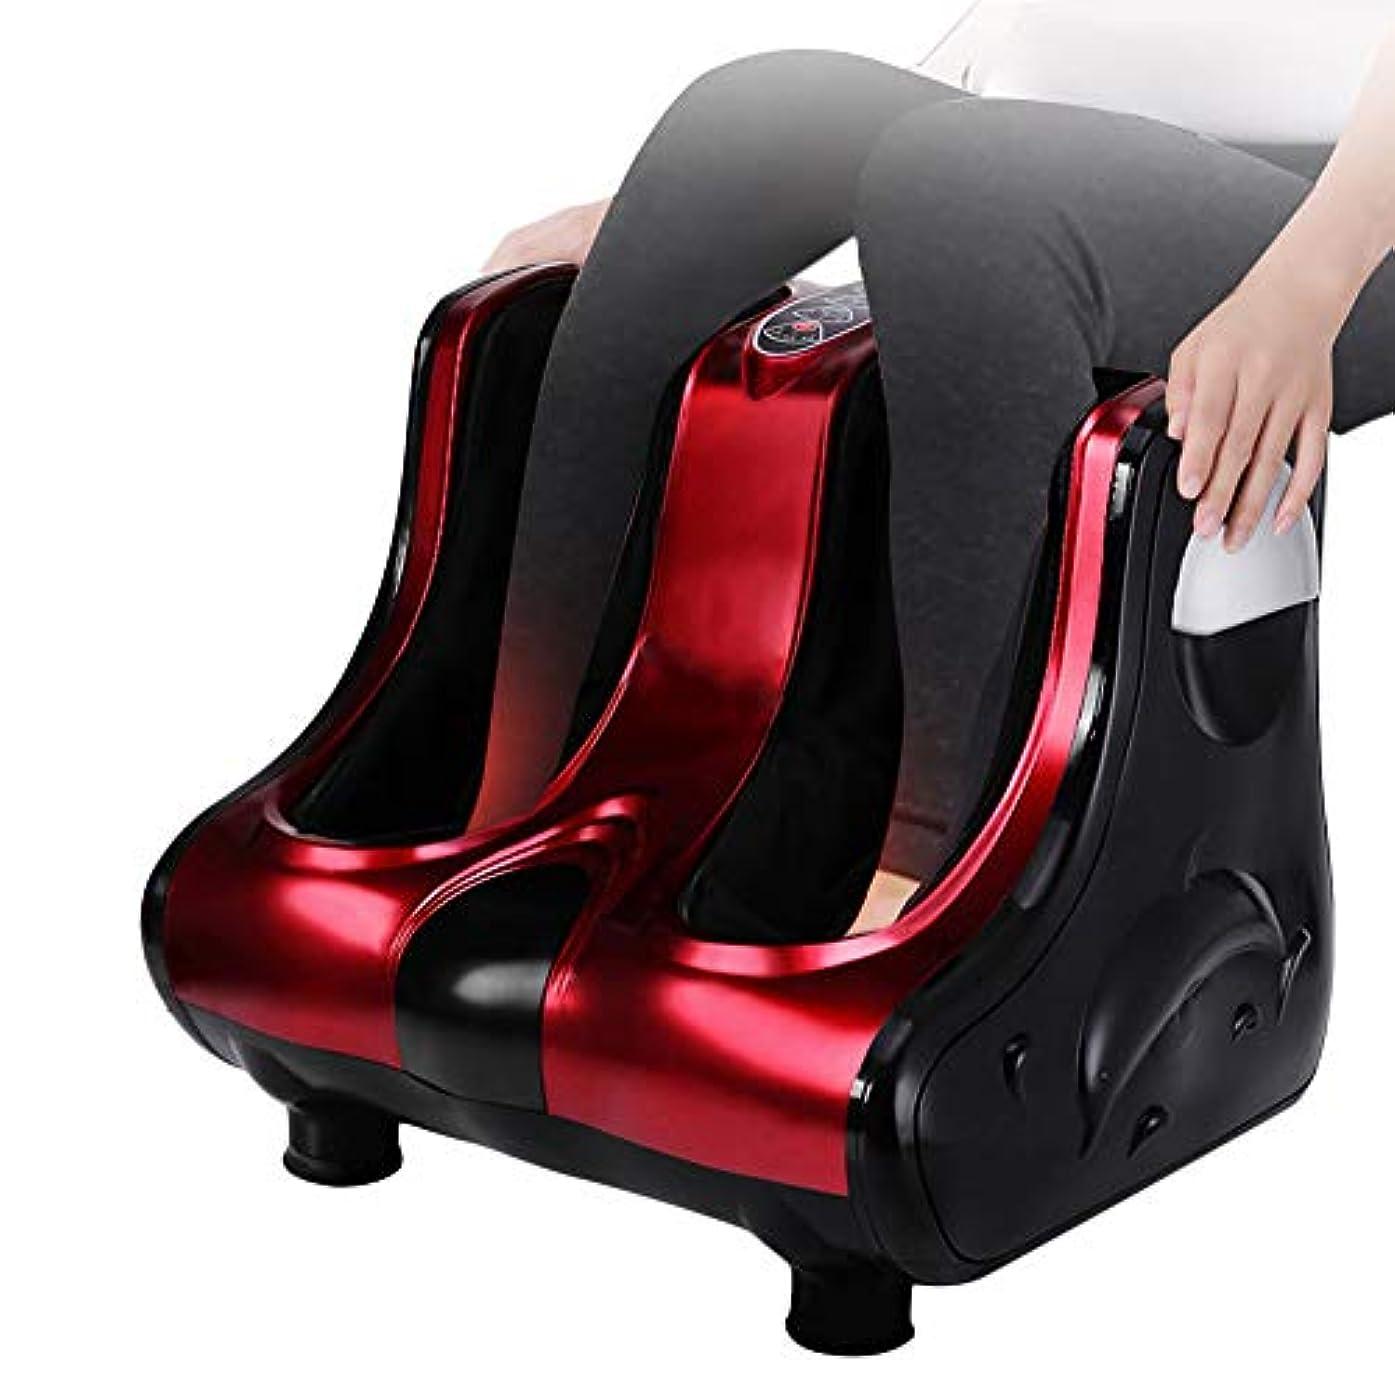 単位待つ葬儀電気耐応3D指圧混練空気圧フットマッサージャー赤外線フットケア機暖房&セラピー,赤